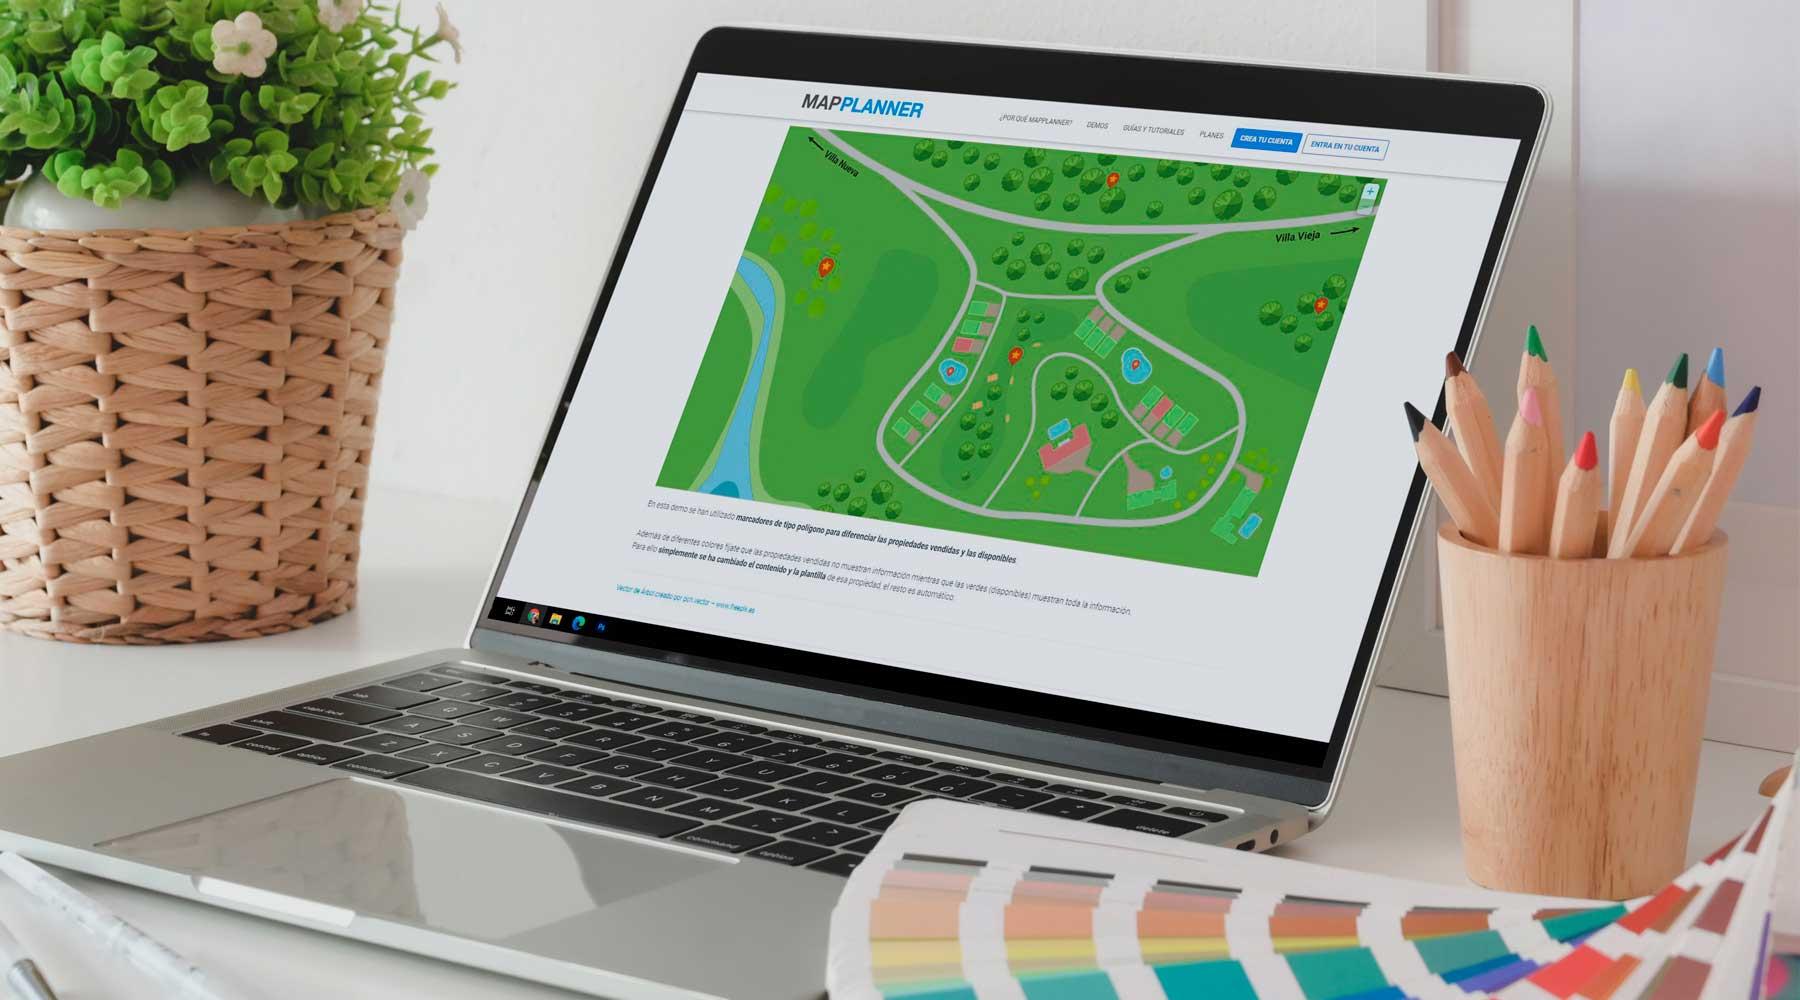 Mapplanner